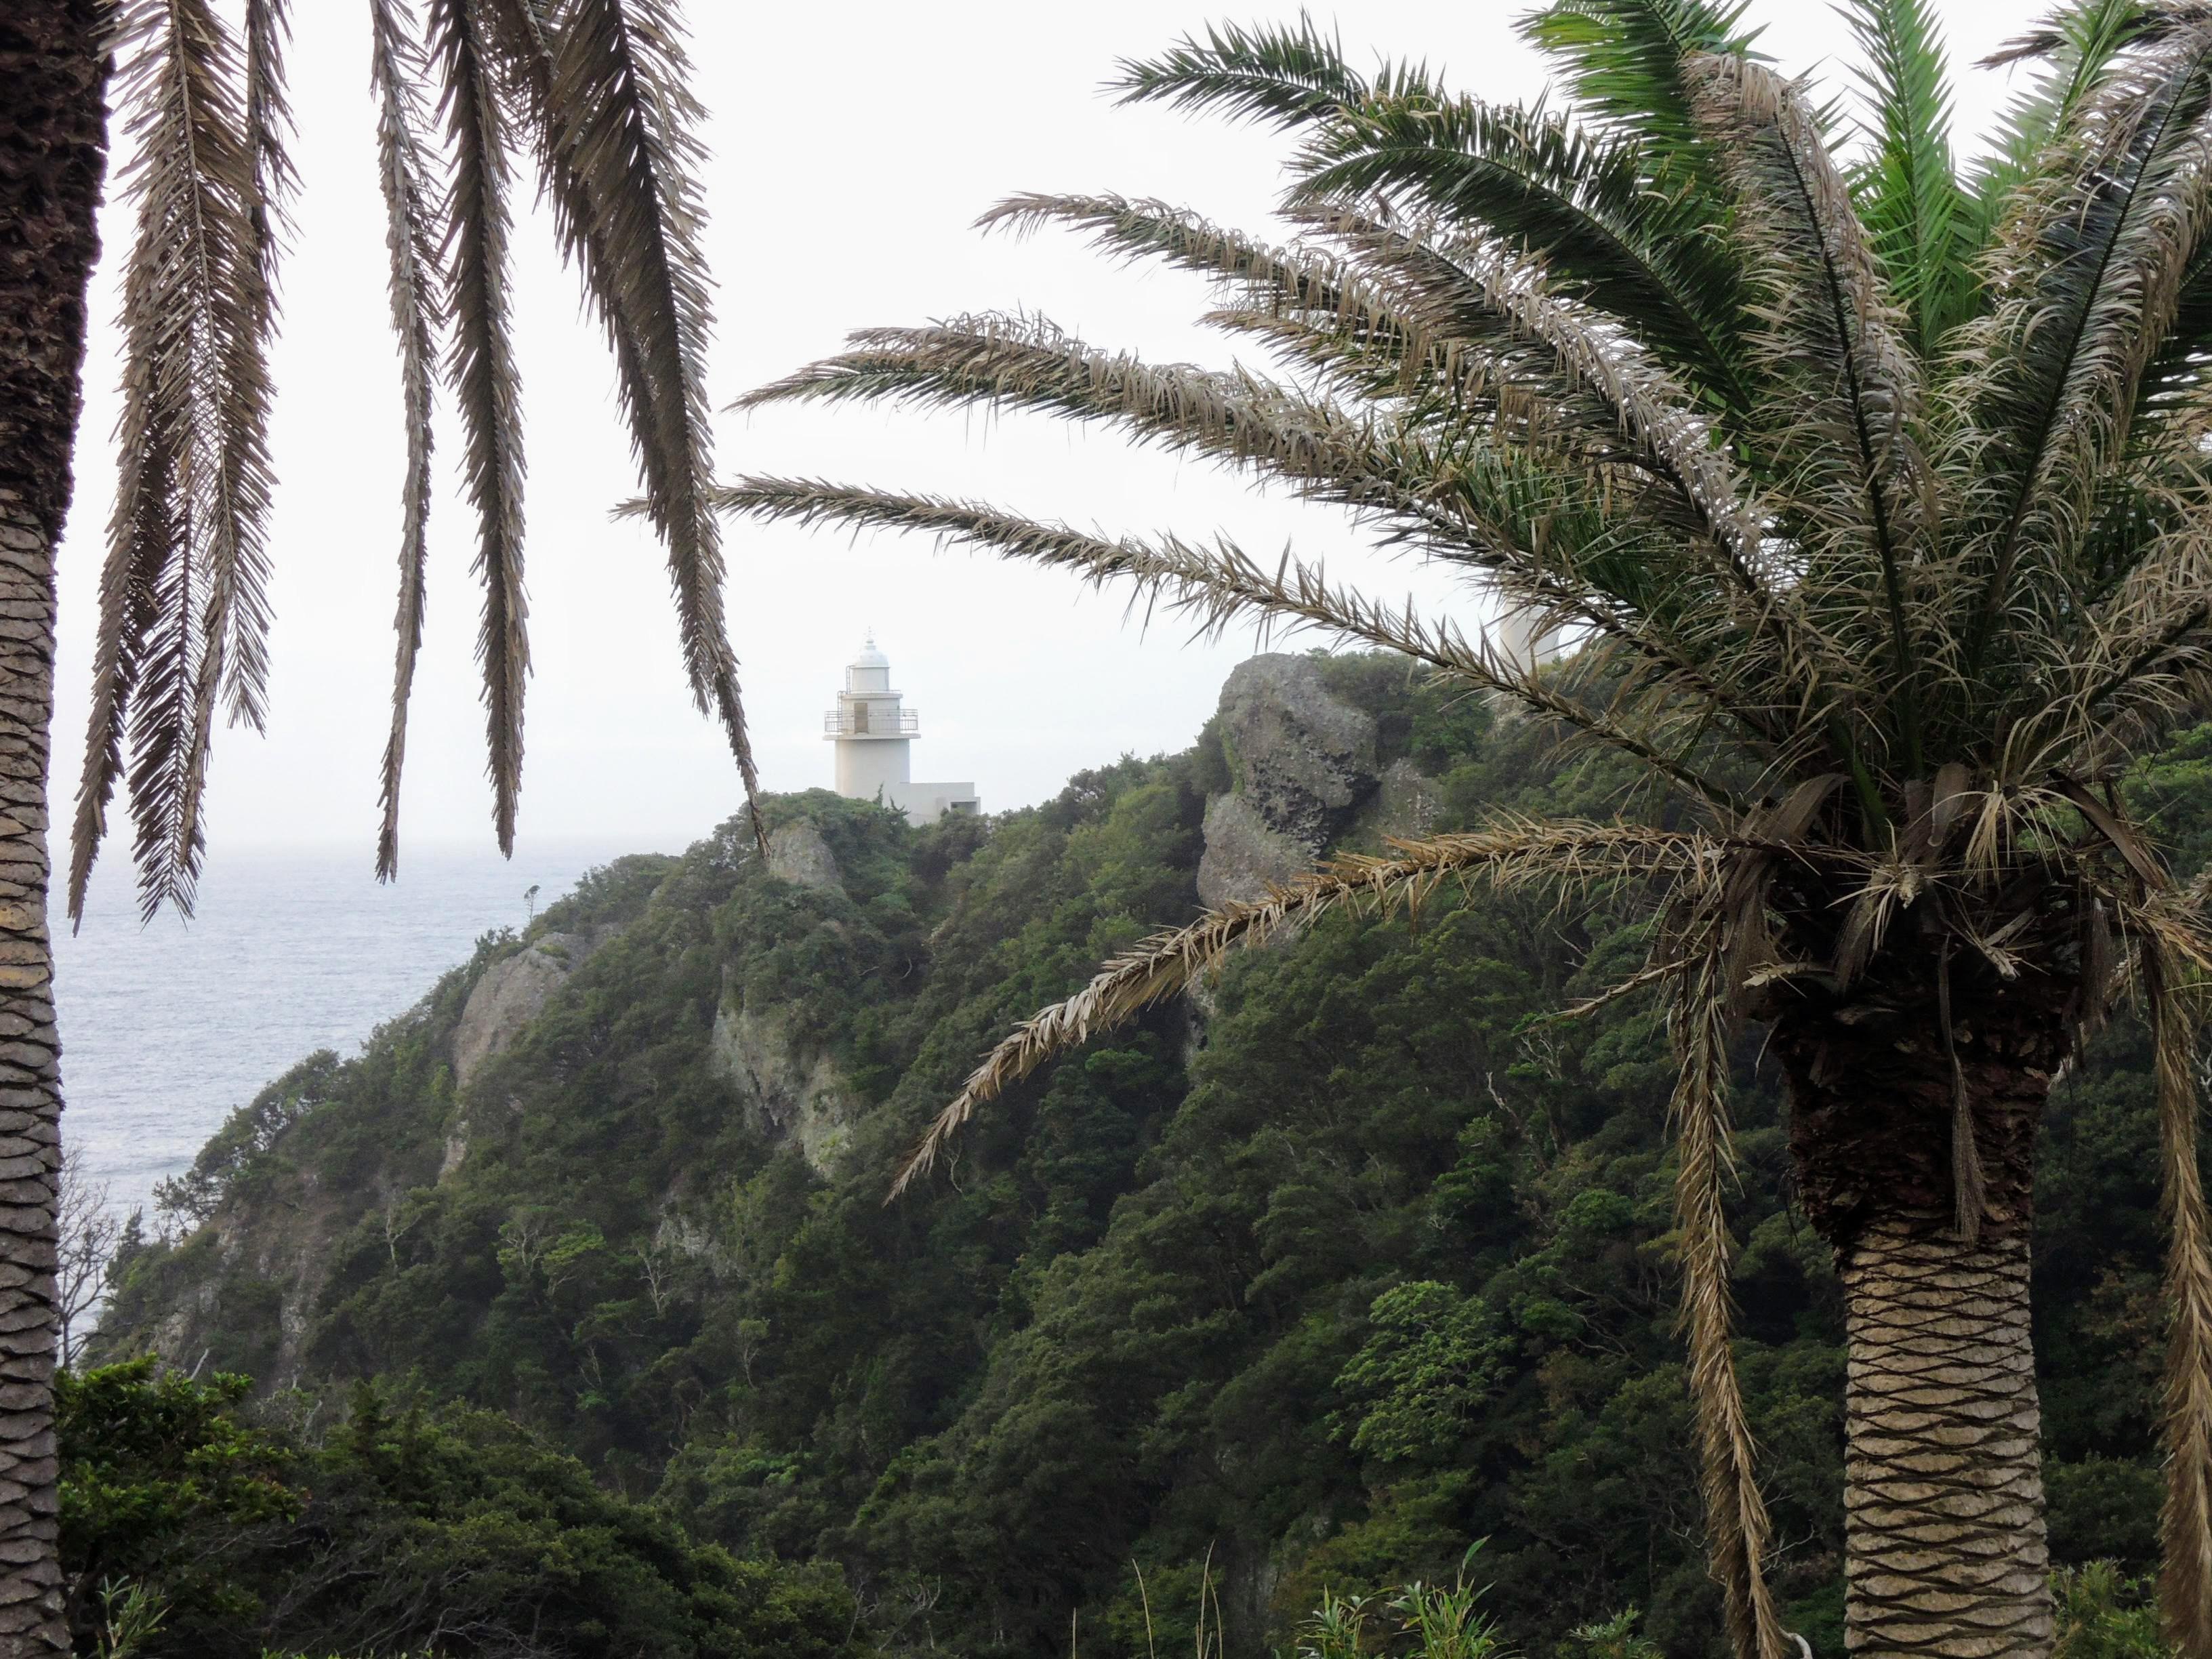 石廊崎灯台を望む